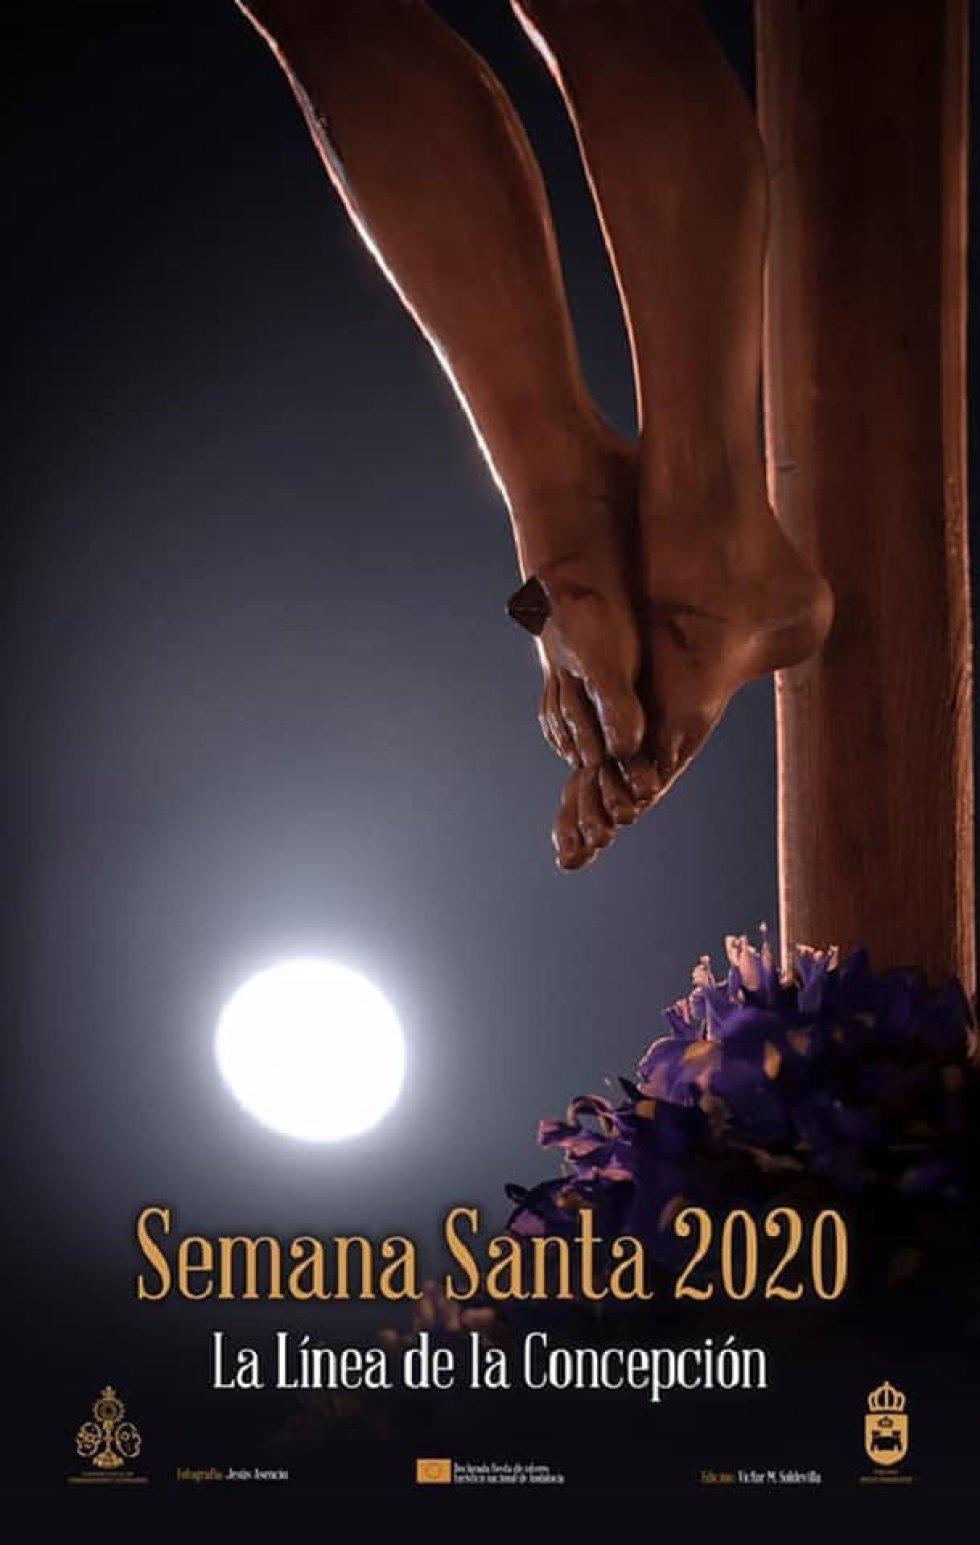 La Semana Santa de La Línea de la Concepción se anuncia con una fotografía de Jesús Asencio Pérez. En el cartel se aprecia un monte de lirios bajo los pies del Santísimo Cristo del Mar y la luna de fondo.